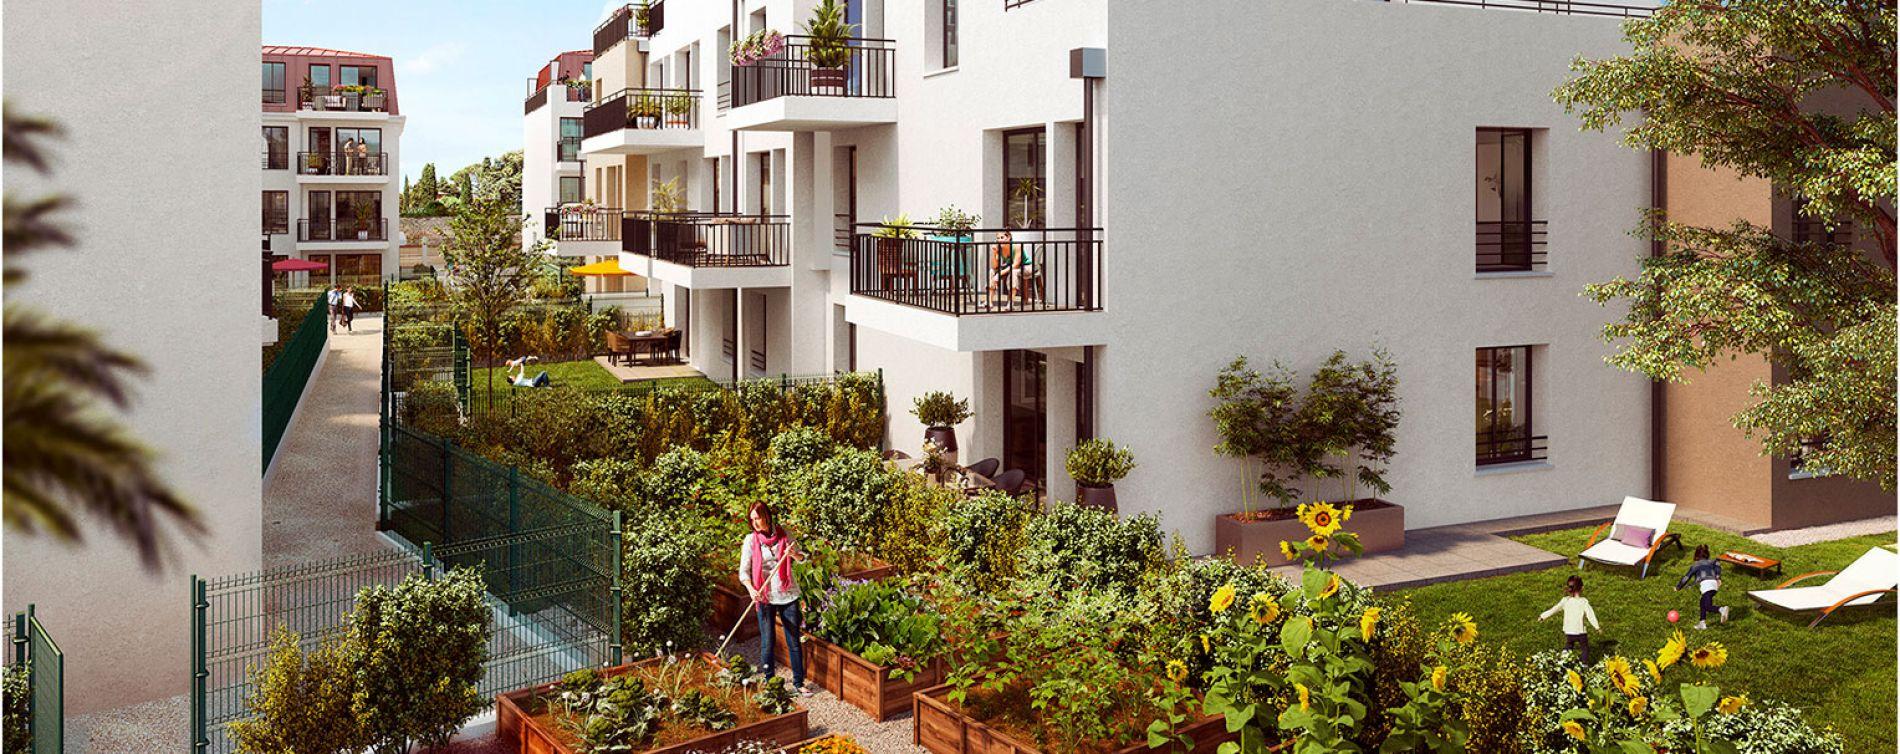 Verneuil-sur-Seine : programme immobilier neuve « Le Clos du Château » (2)